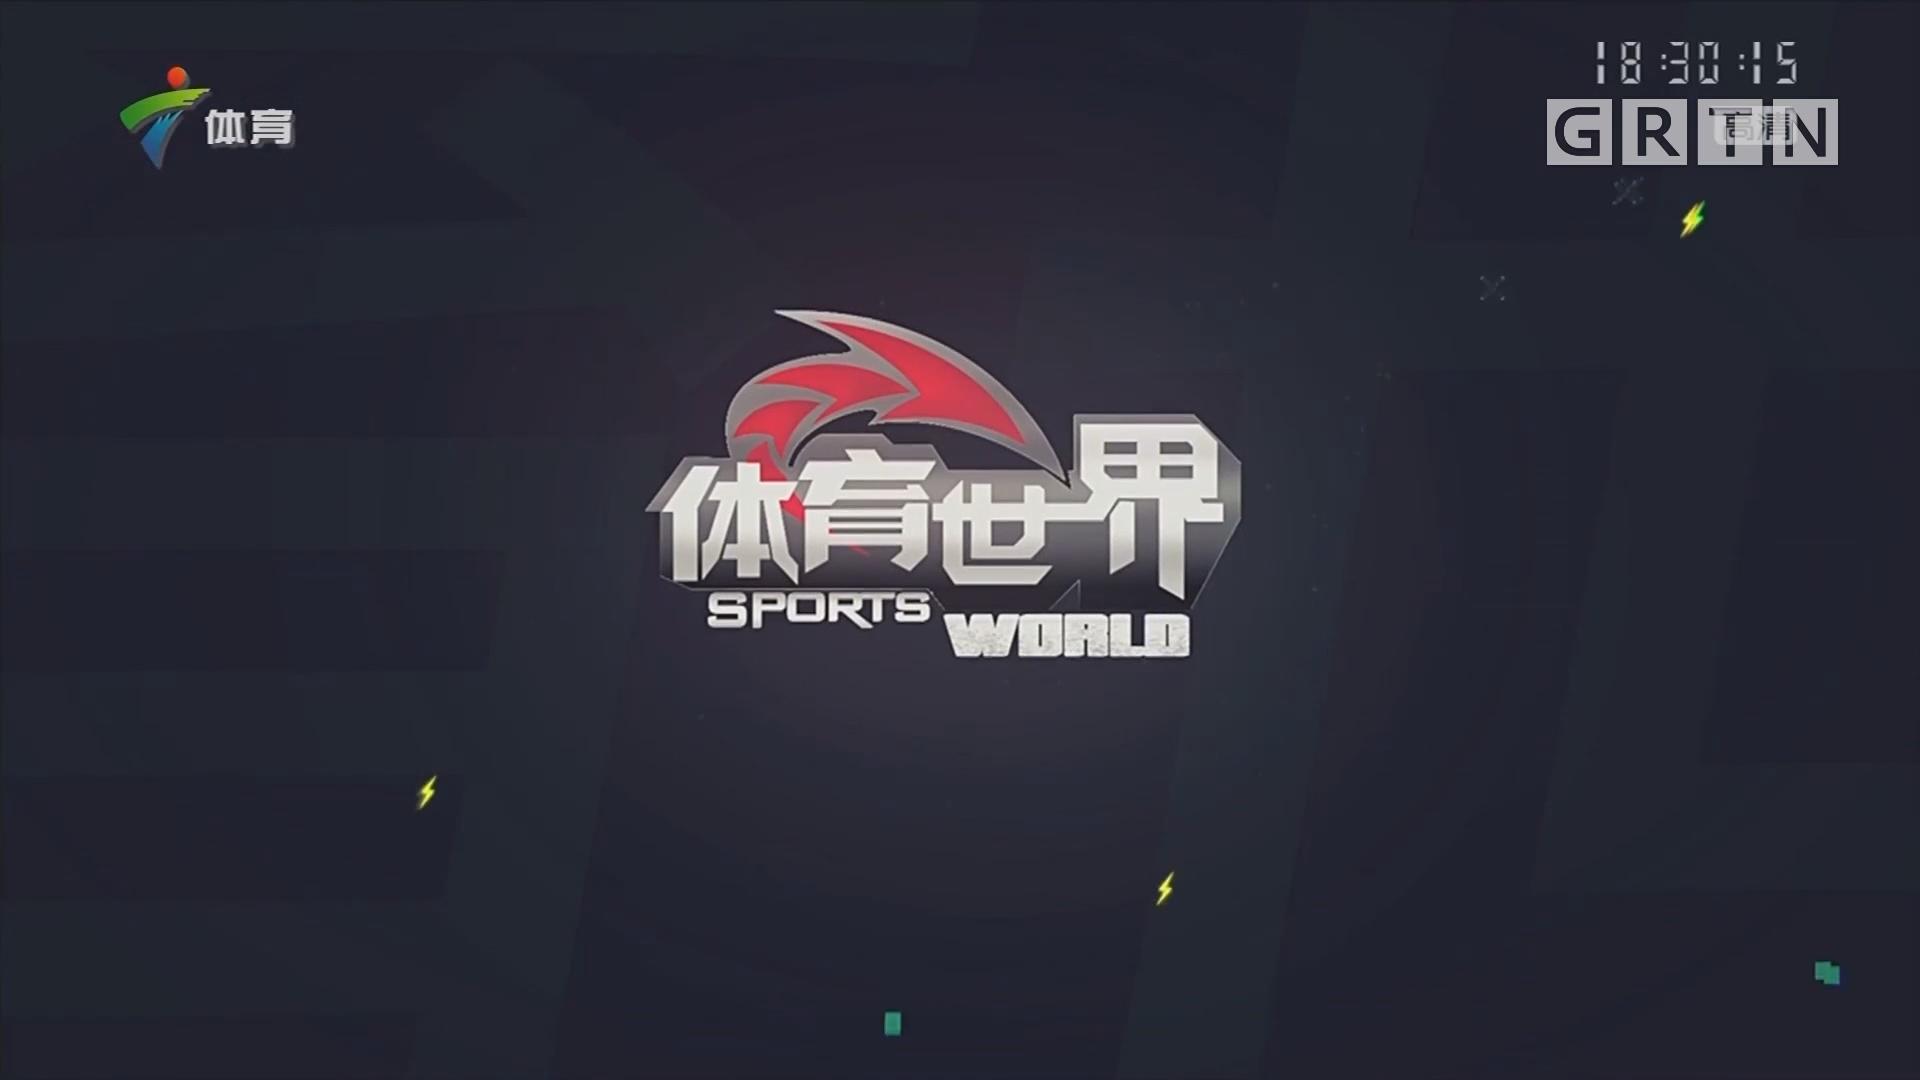 [HD][2018-12-24]体育世界:陆河乡村半程马拉松赛 展现广东体育扶贫成果